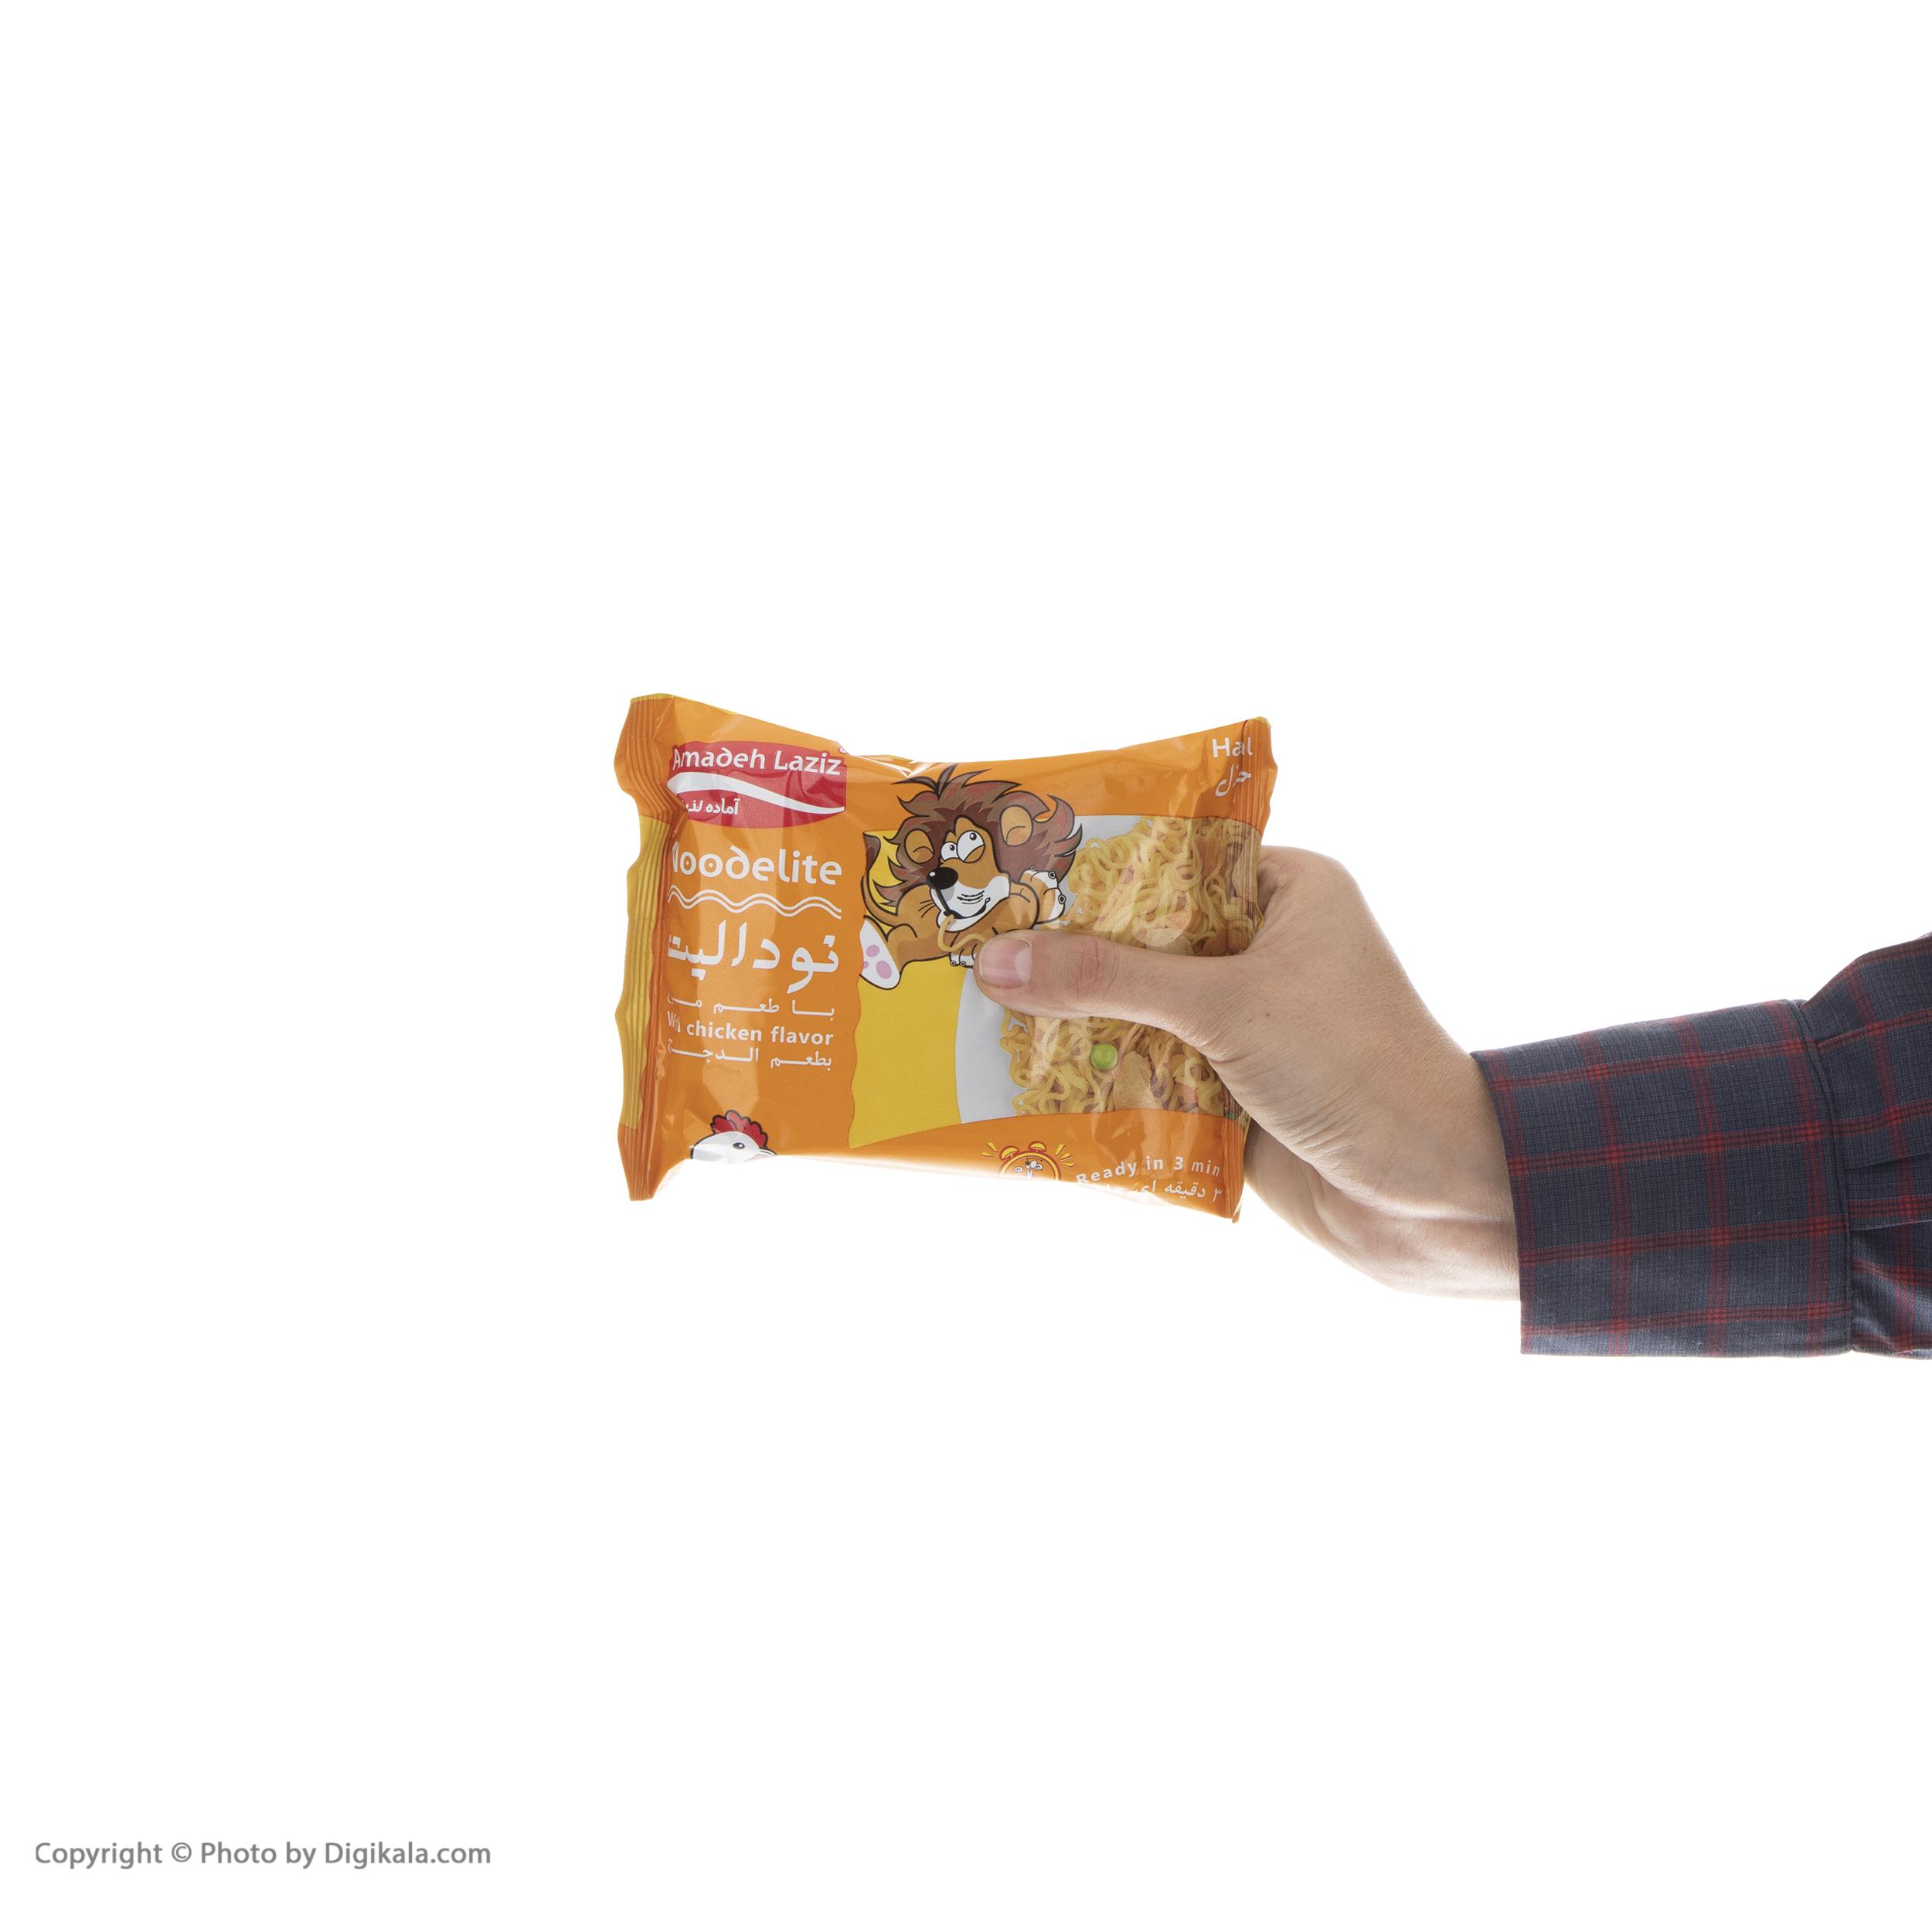 نودالیت با طعم مرغ آماده لذیذ - 75 گرم بسته 5 عددی main 1 9